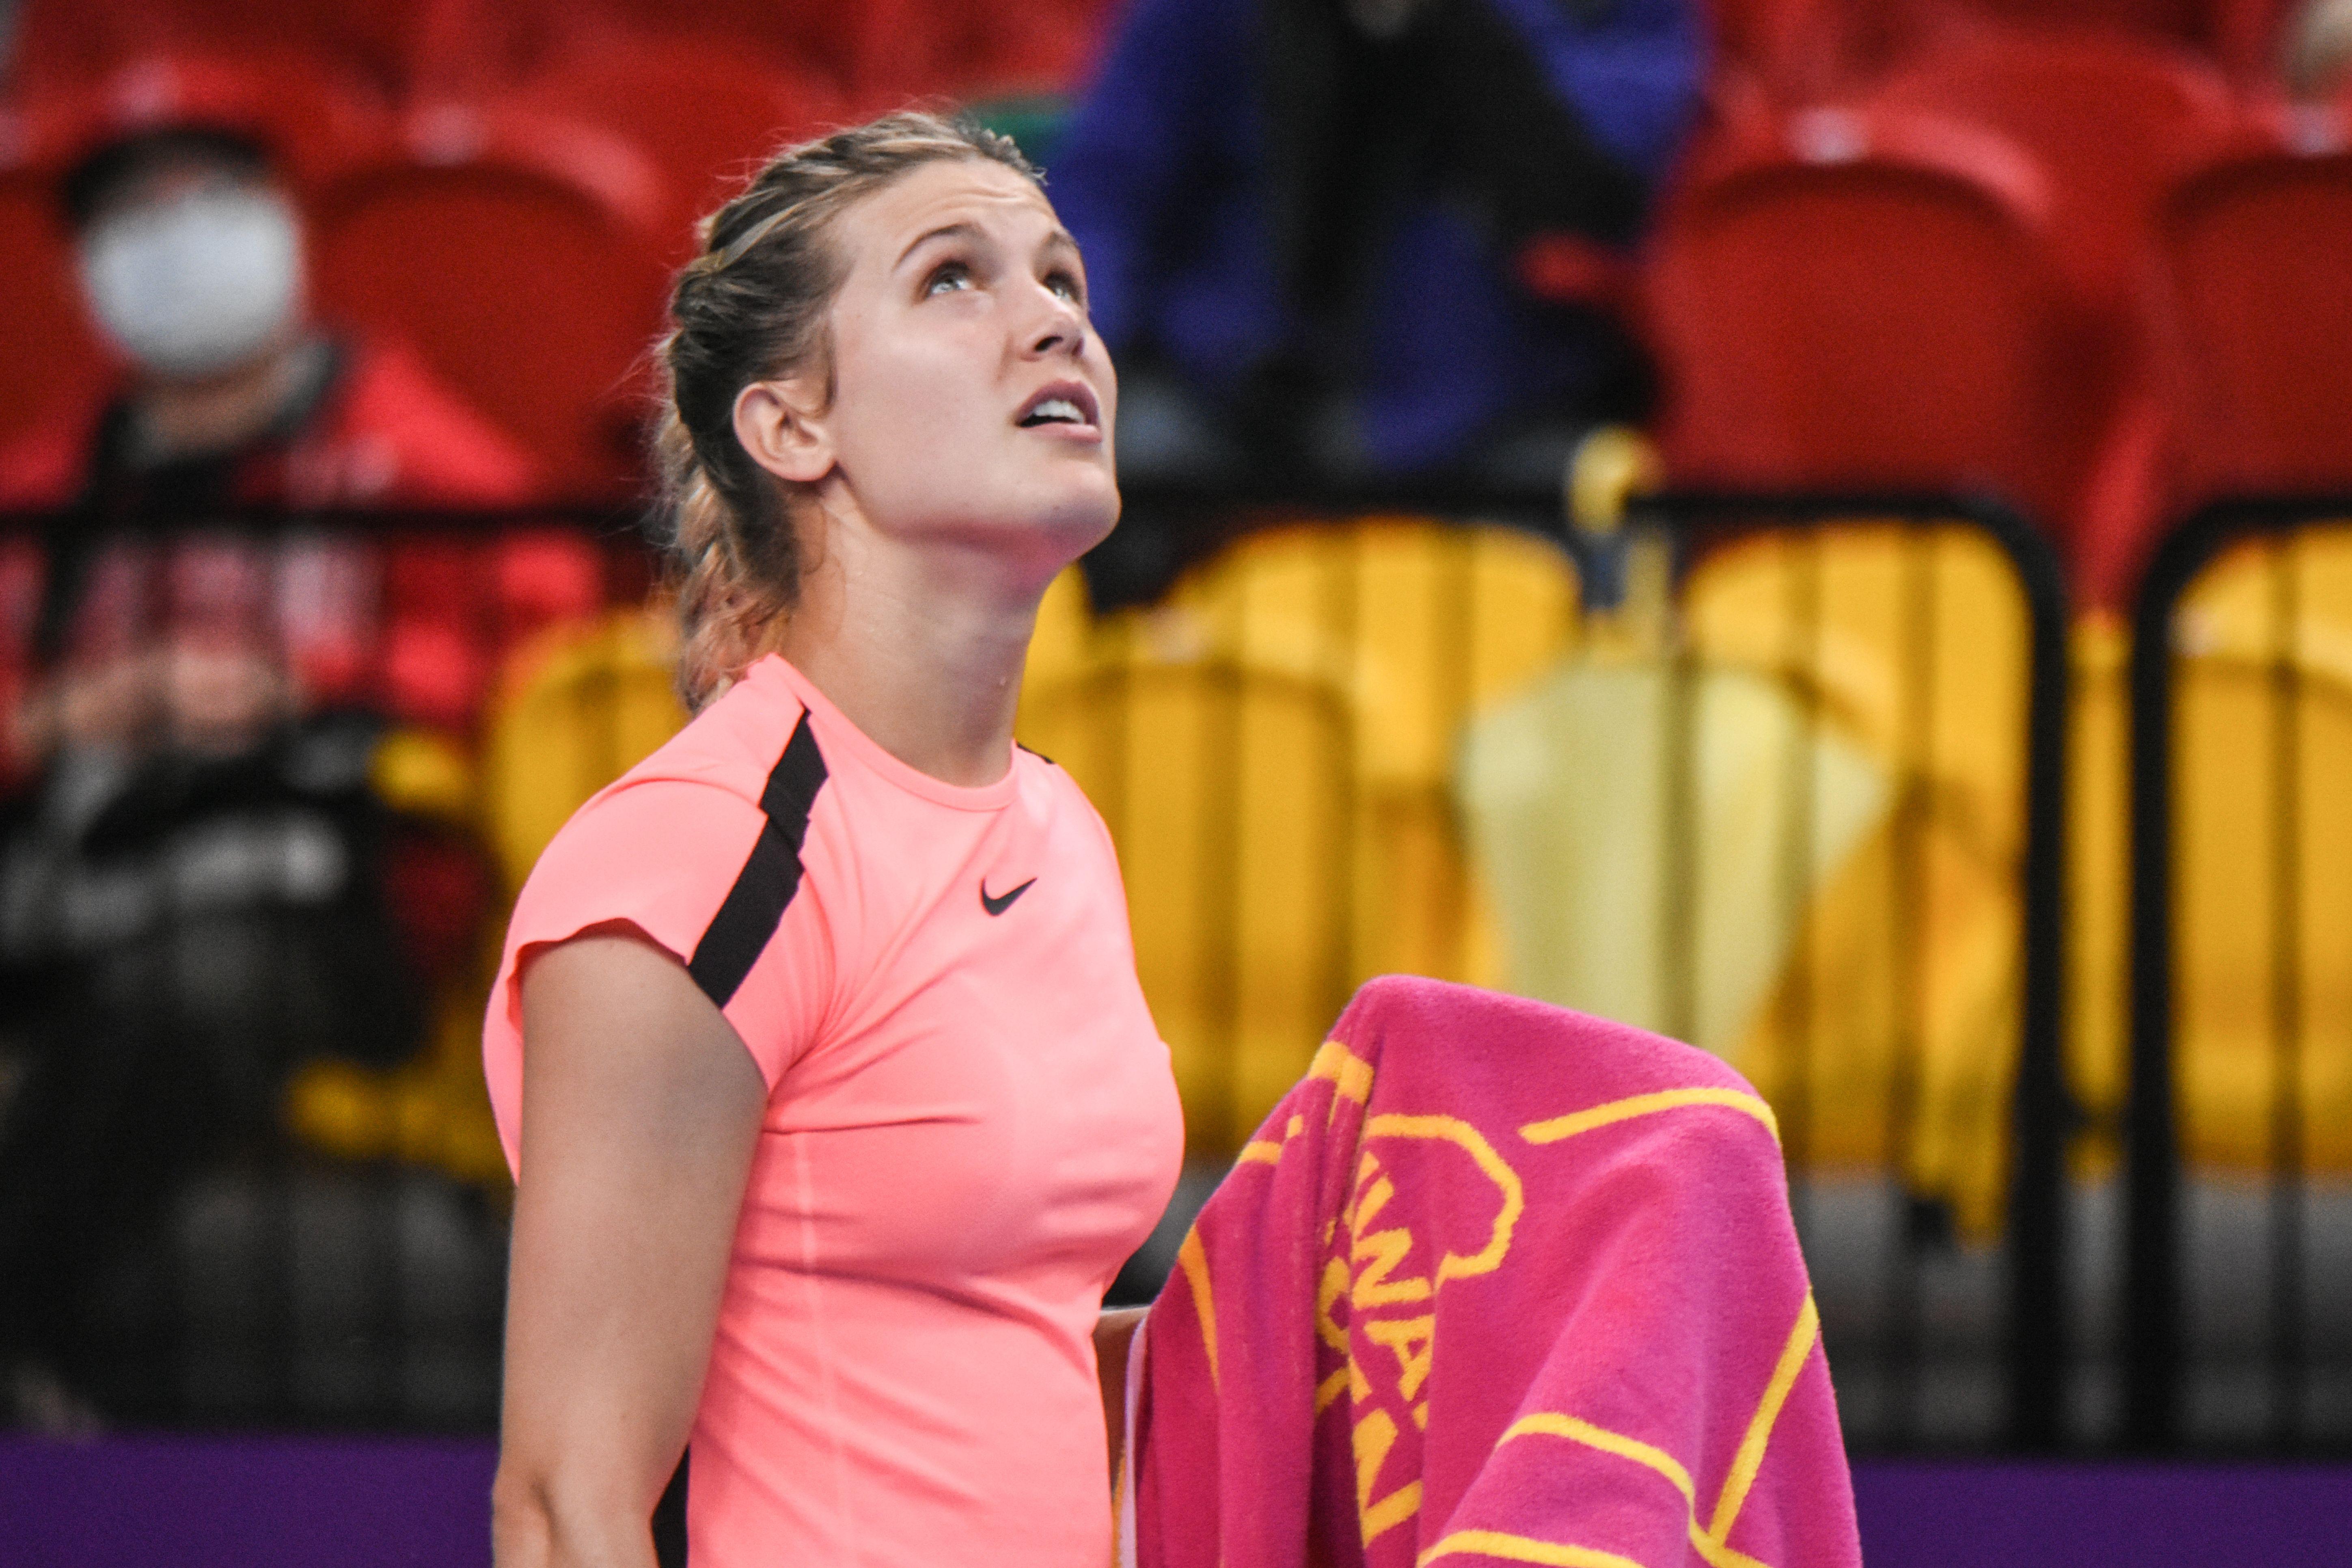 WTA台灣公開賽單打Eugenie Bouchard 尤金妮·布夏德。(圖/記者林敬旻攝)